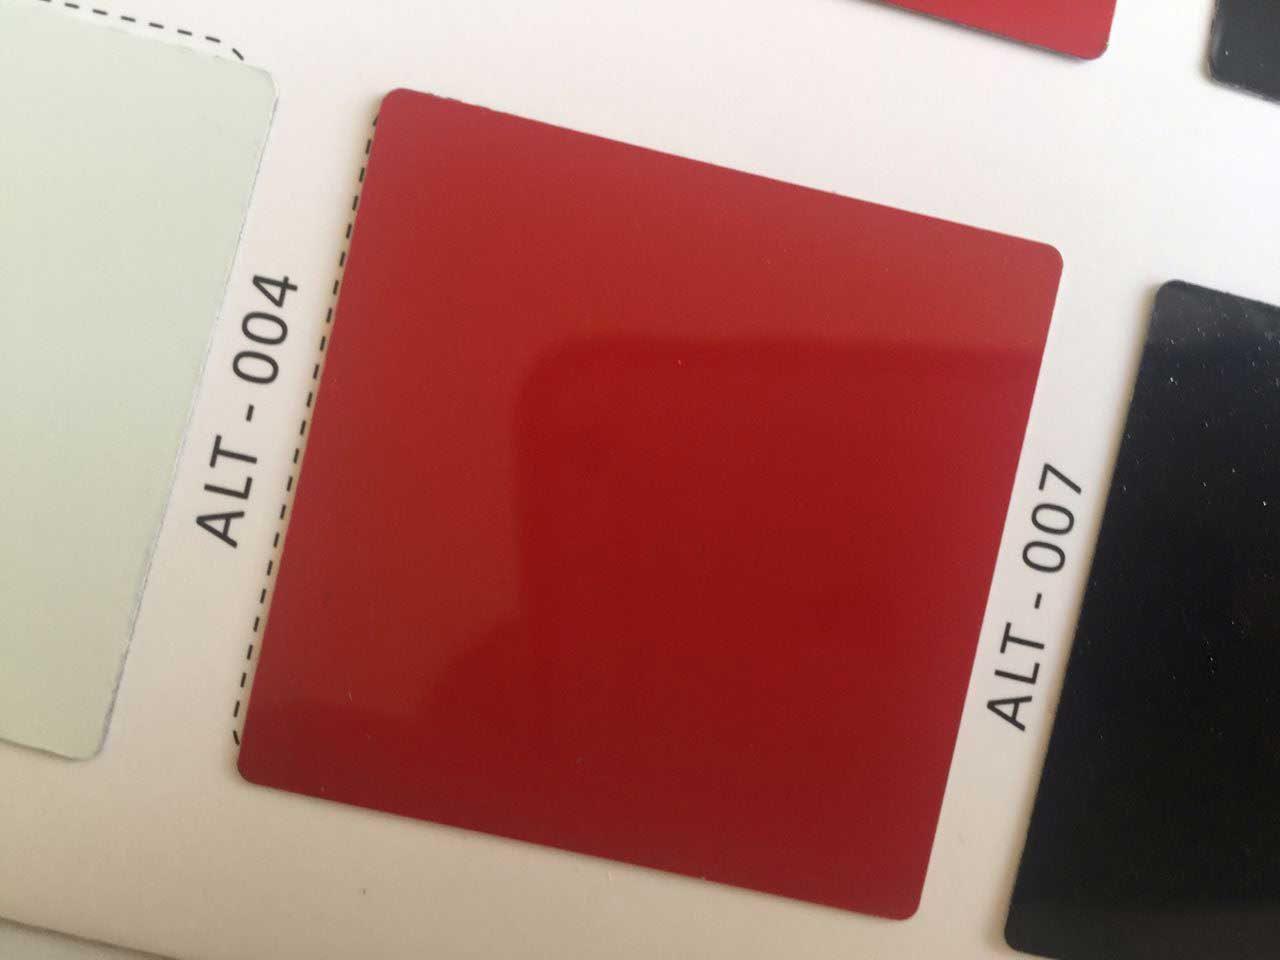 رنگ قرمز از ورق کامپوزیت کالر چارت آلوتک